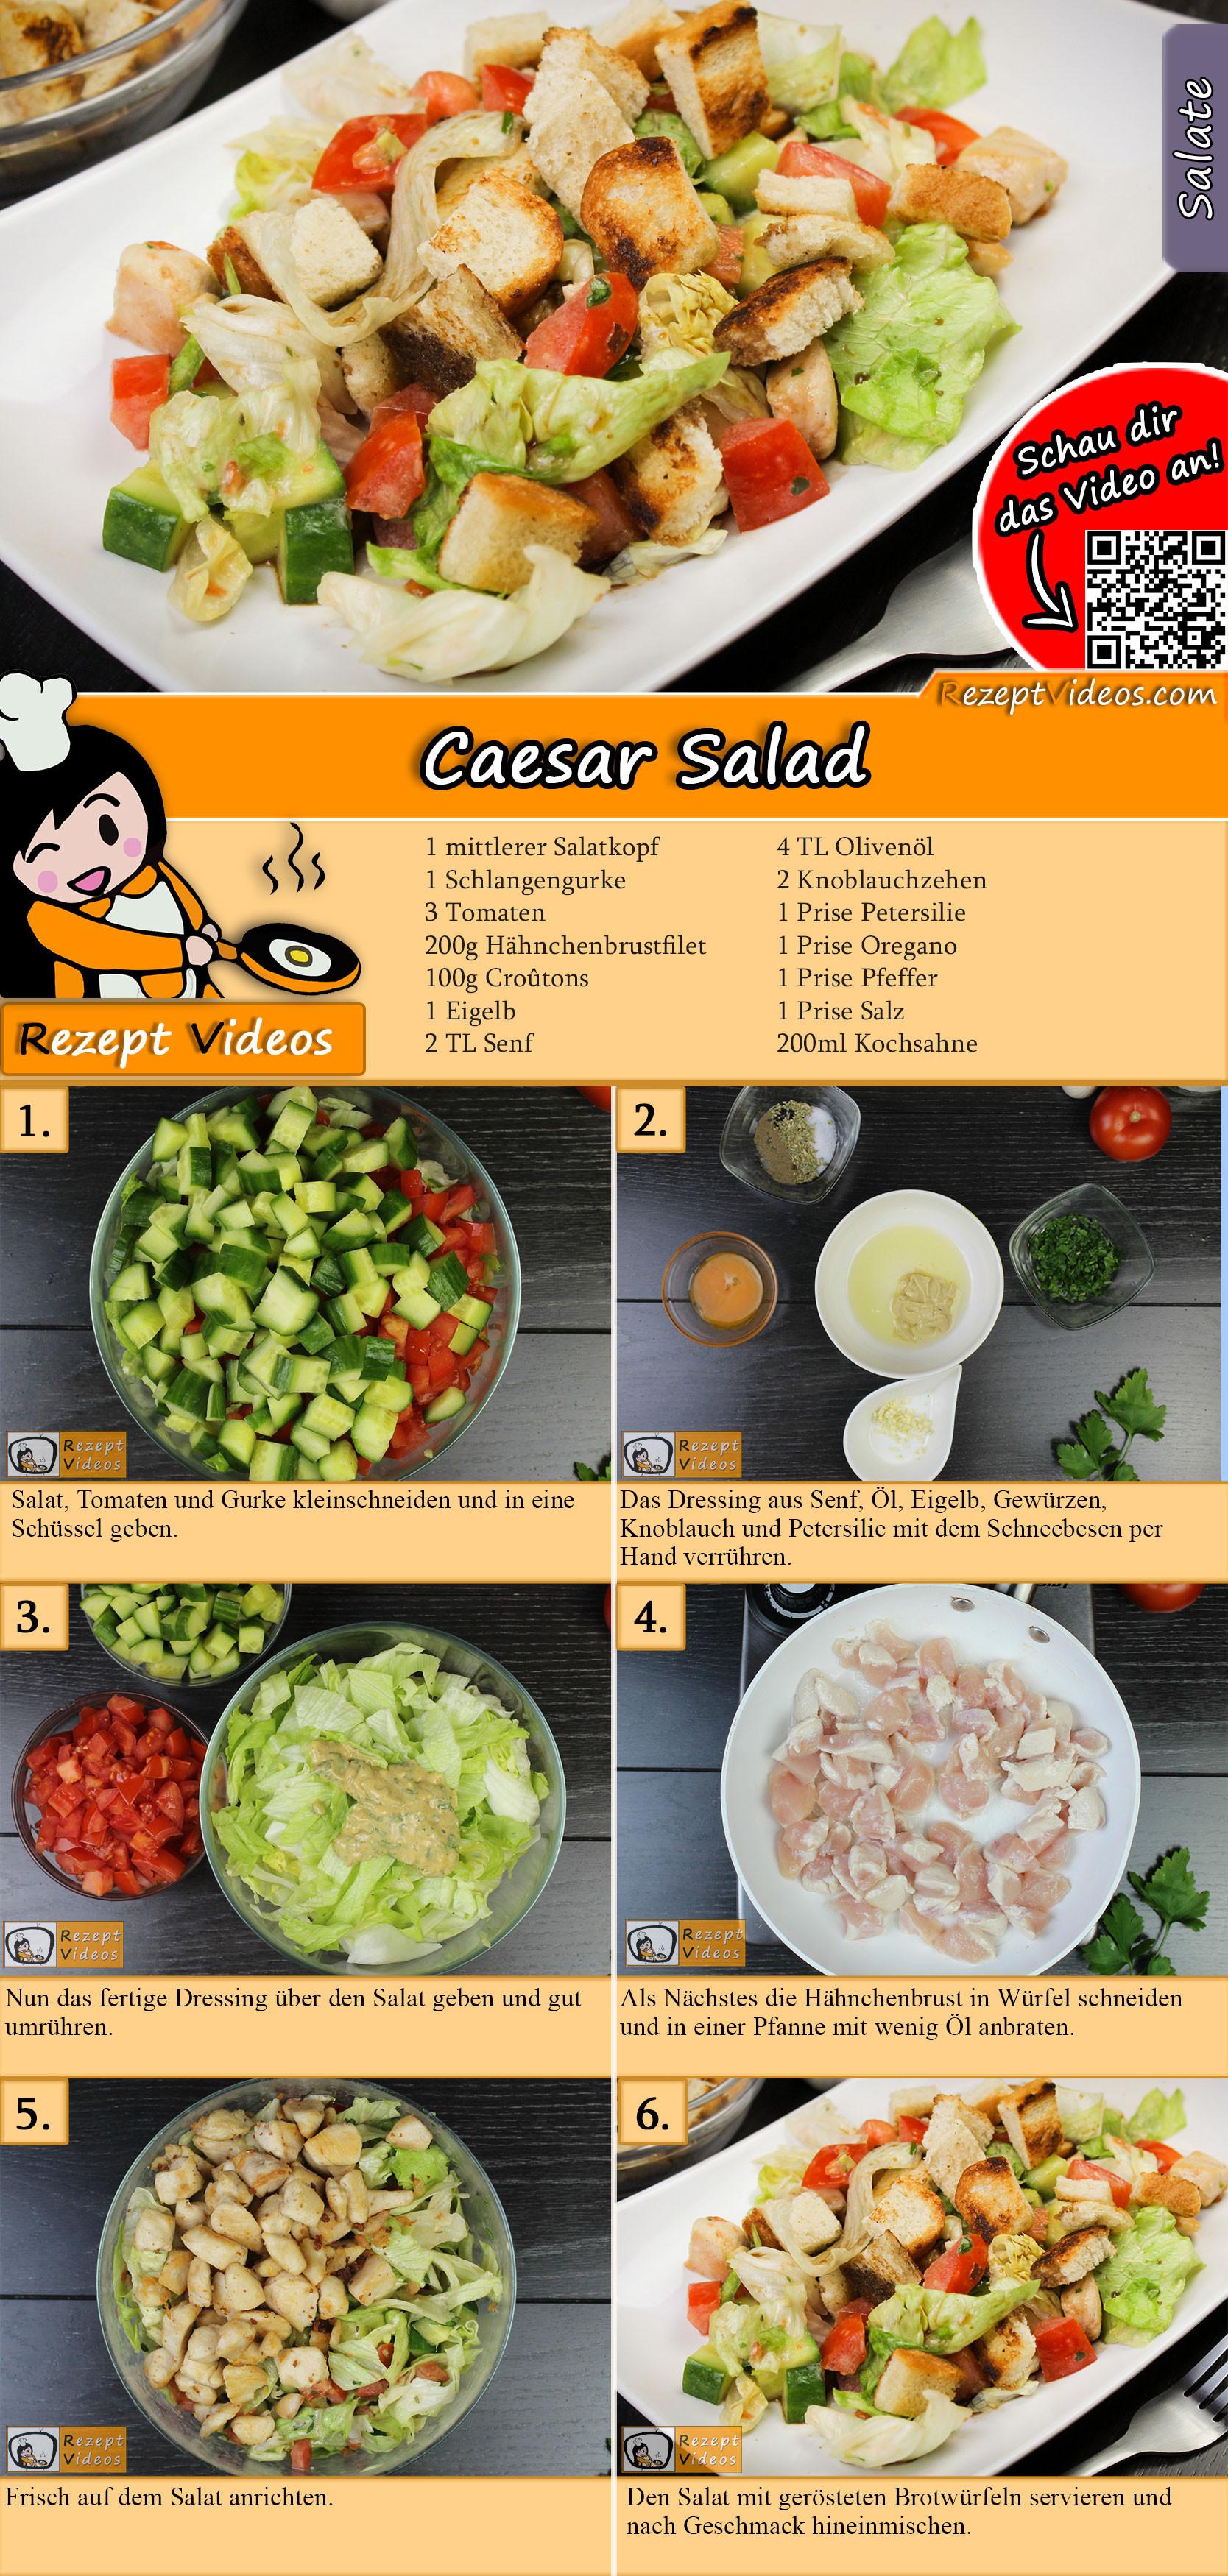 caesar salad rezept mit video schnelle und einfache salat rezepte. Black Bedroom Furniture Sets. Home Design Ideas